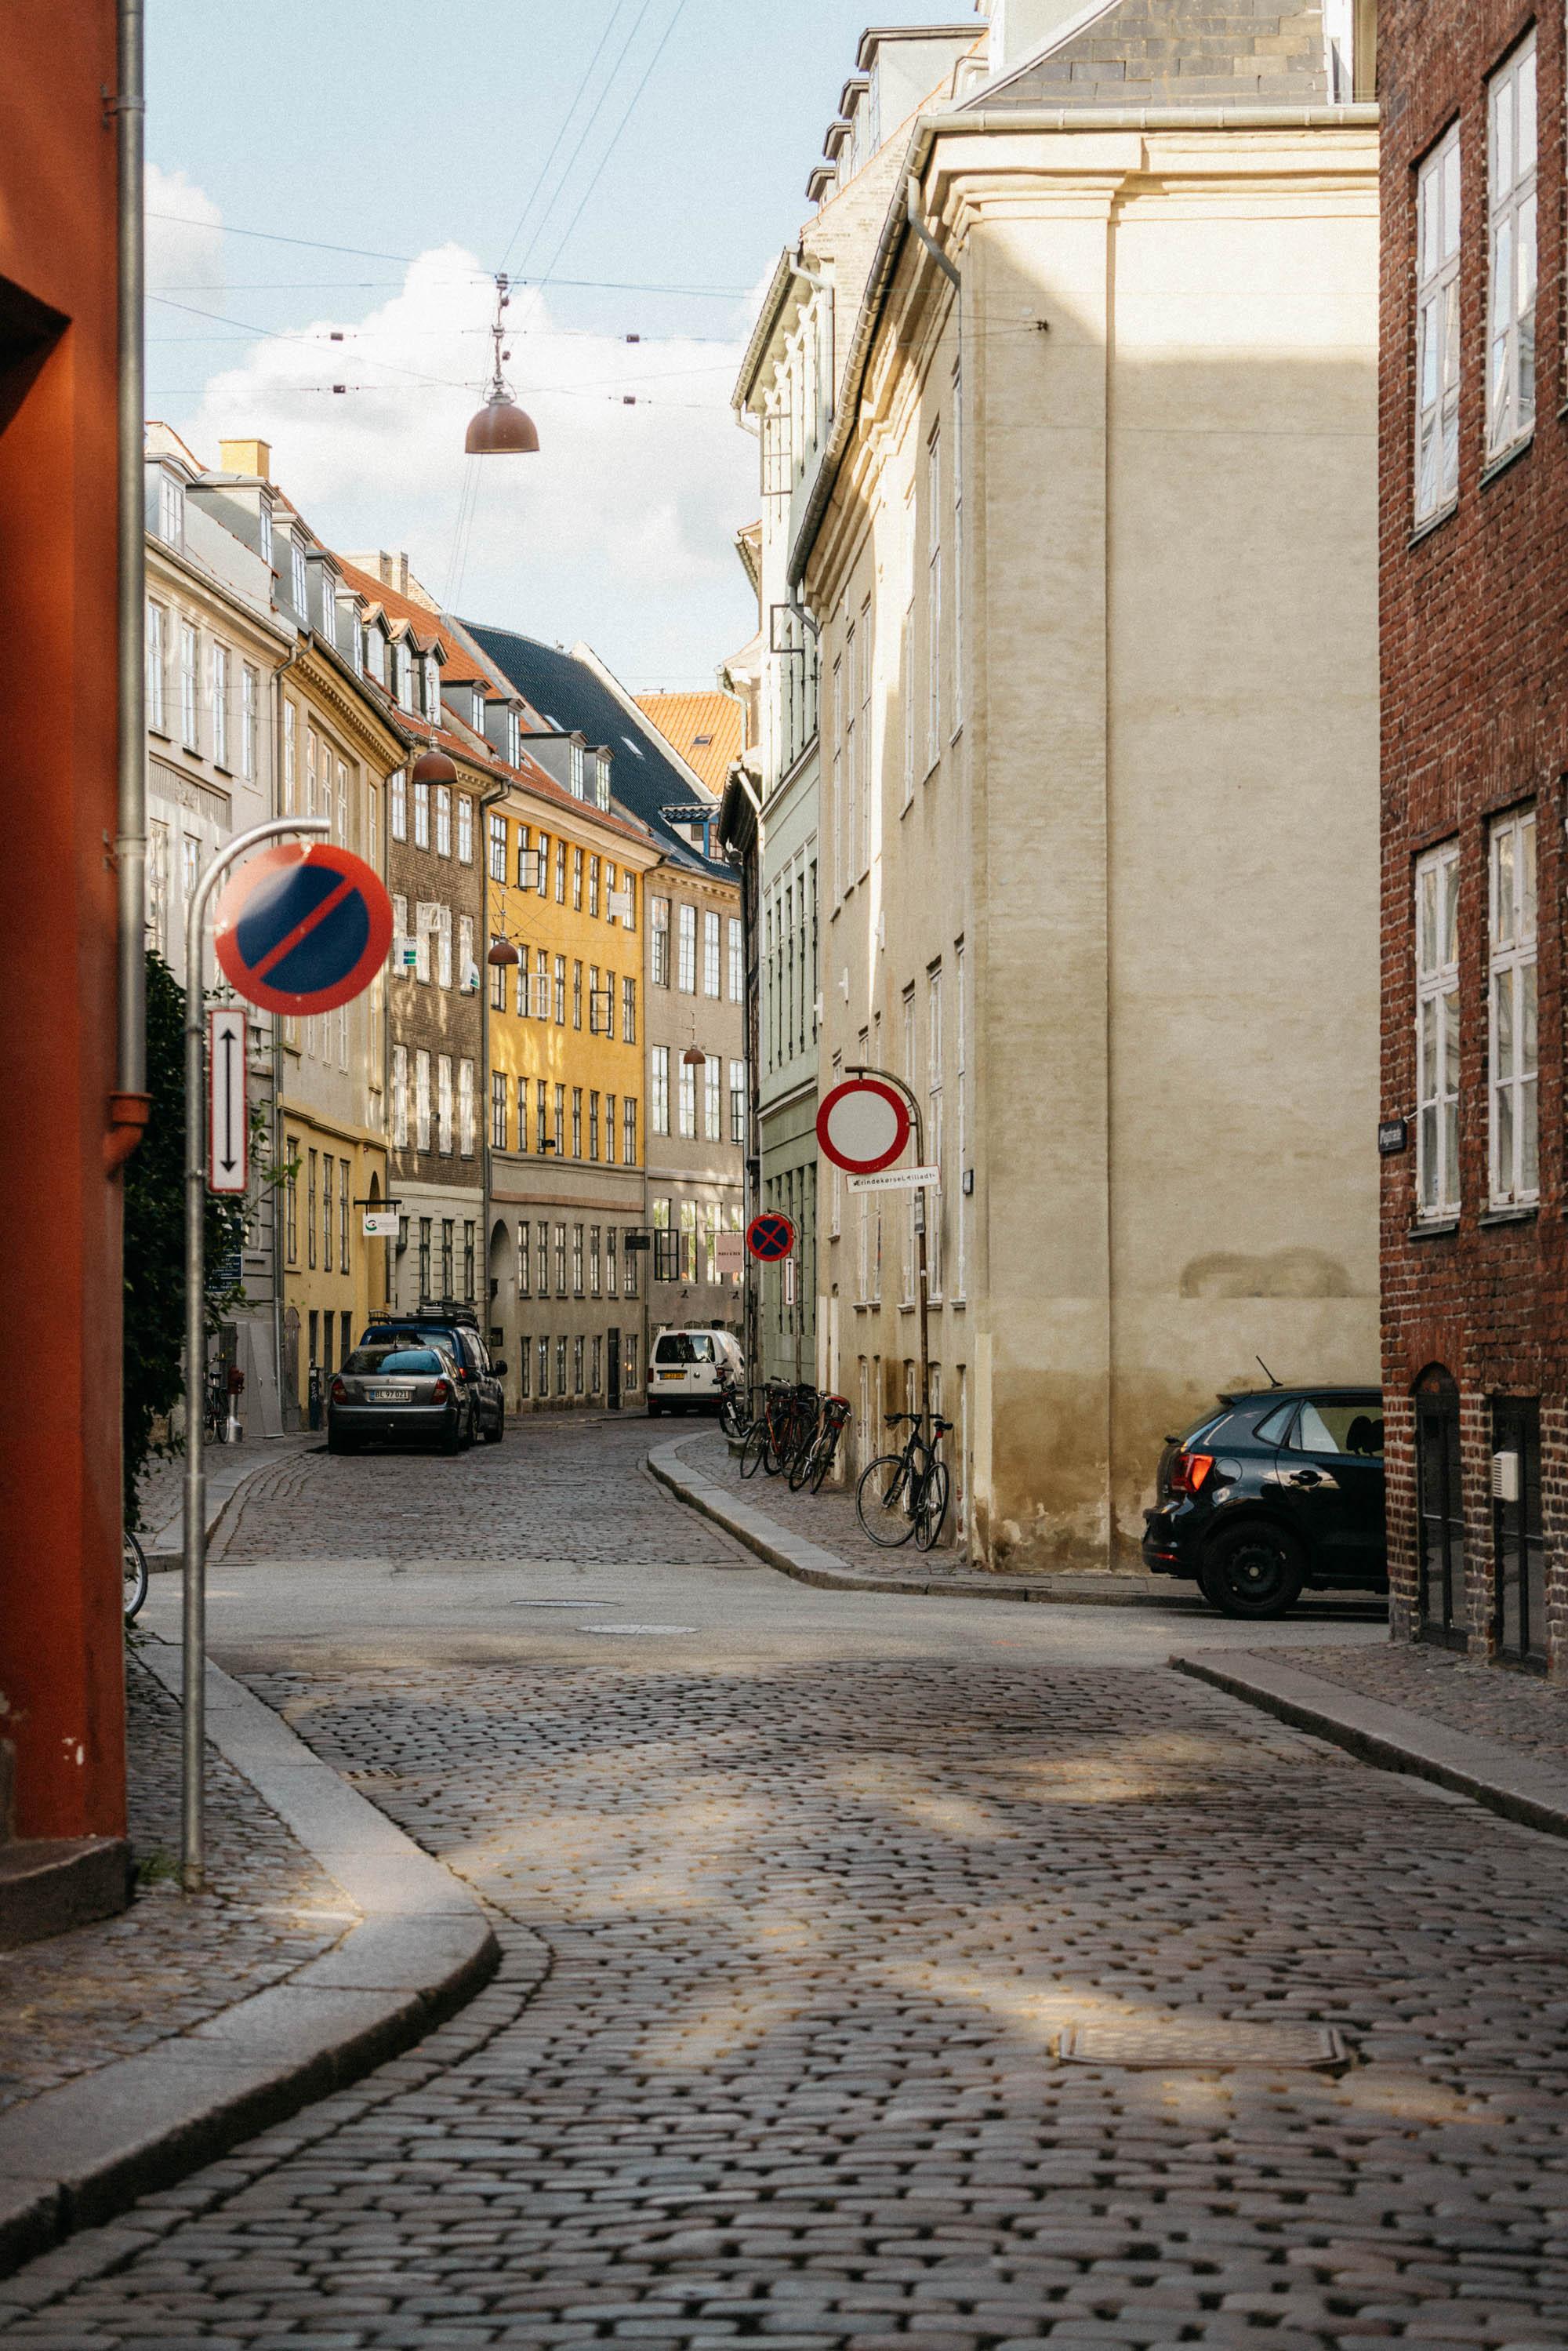 Magstræde and Strøget, the oldest streets in Copenhagen